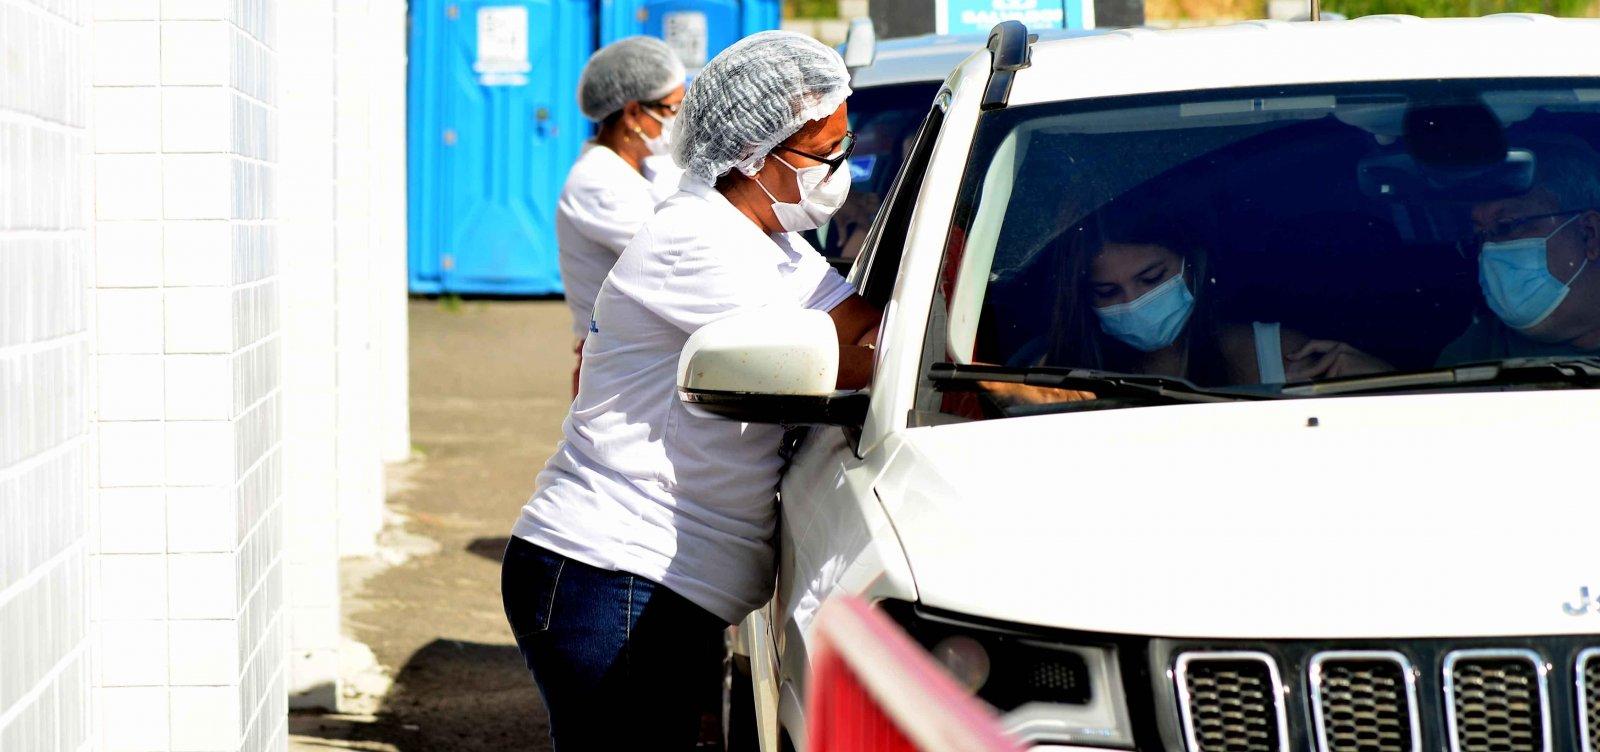 Descumprindo recomendação do MS, Salvador retoma vacinação para adolescentes com 13 anos